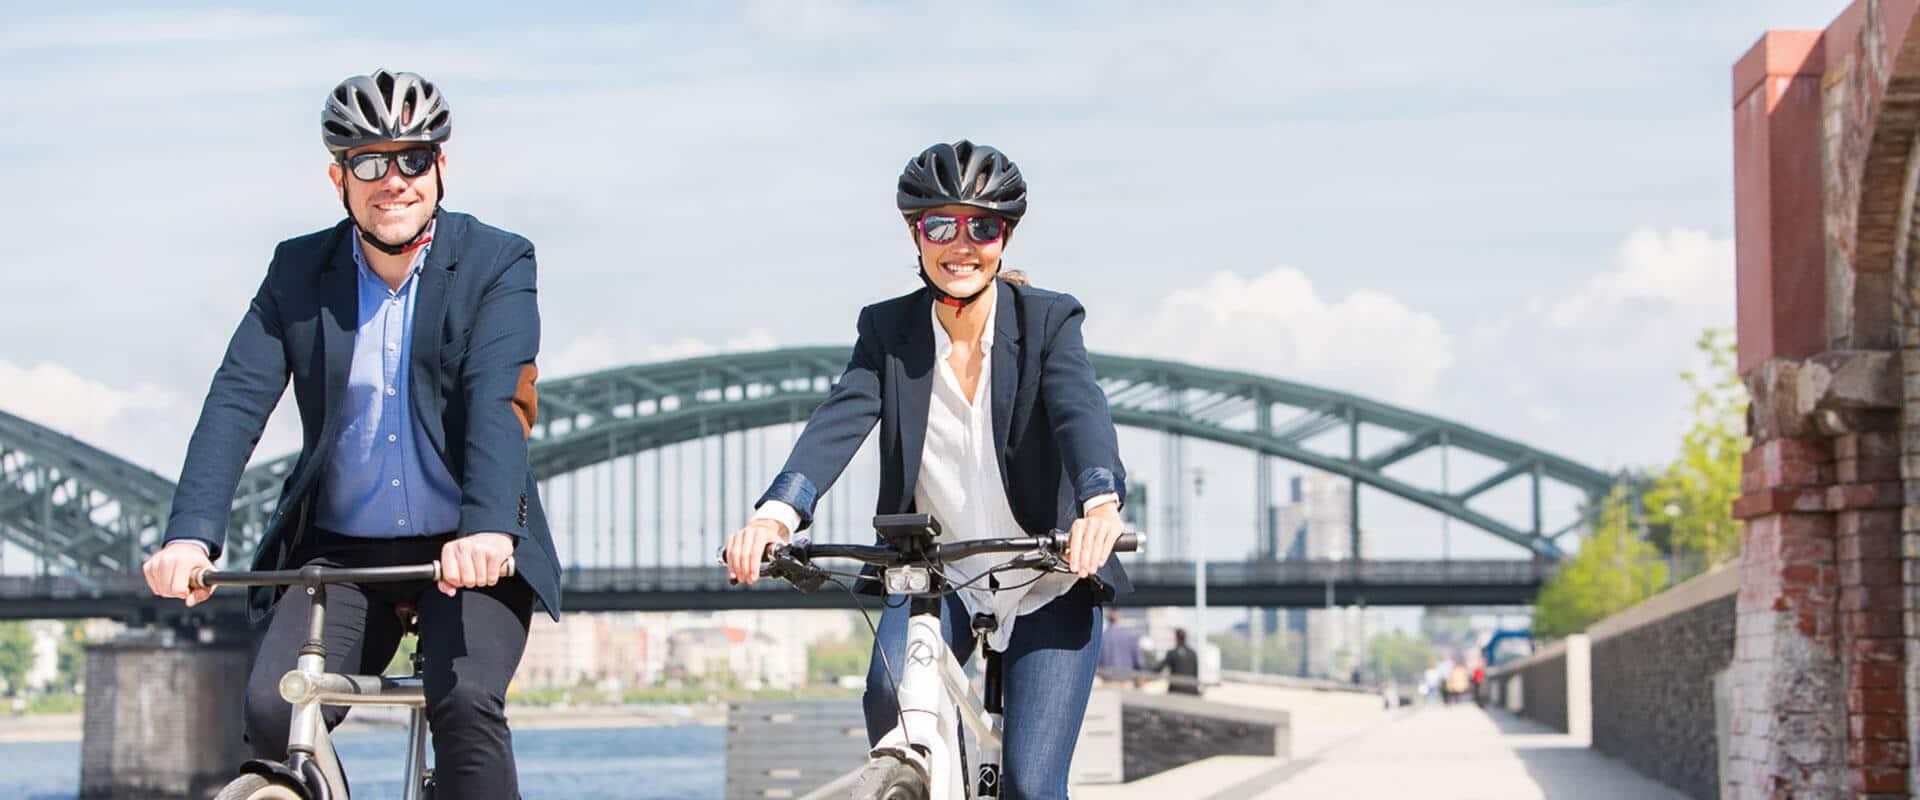 Jugendliche Lifestyle Helme für Mann und Frau